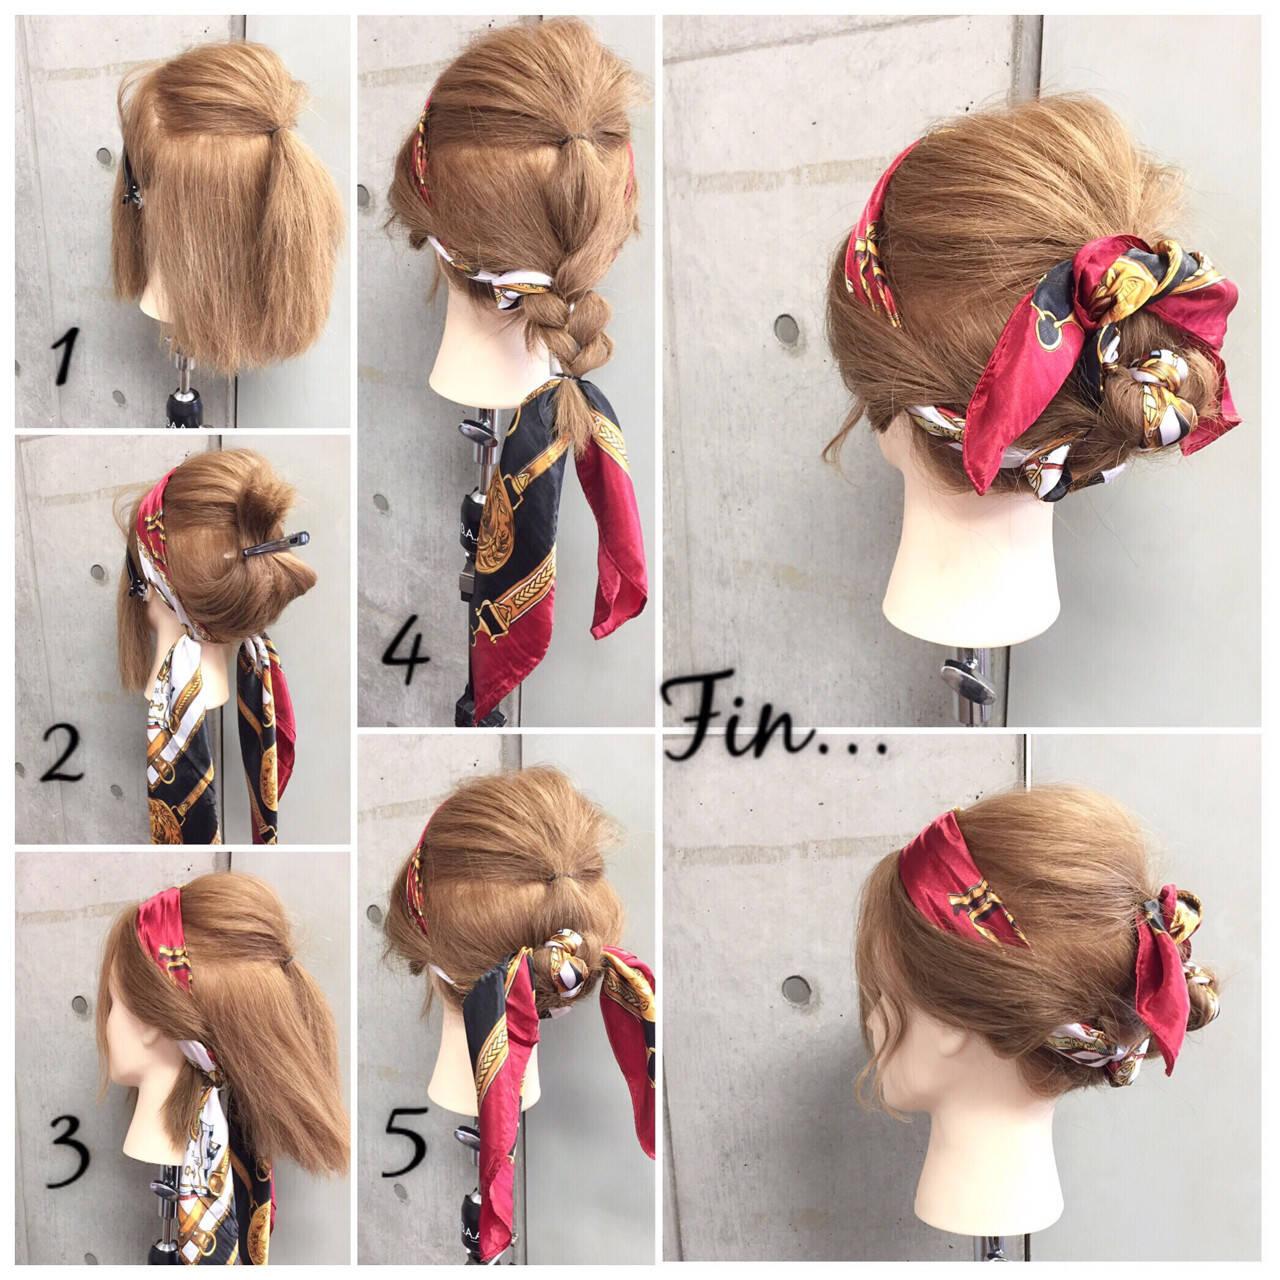 ヘアアクセ 大人女子 ショート 簡単ヘアアレンジヘアスタイルや髪型の写真・画像